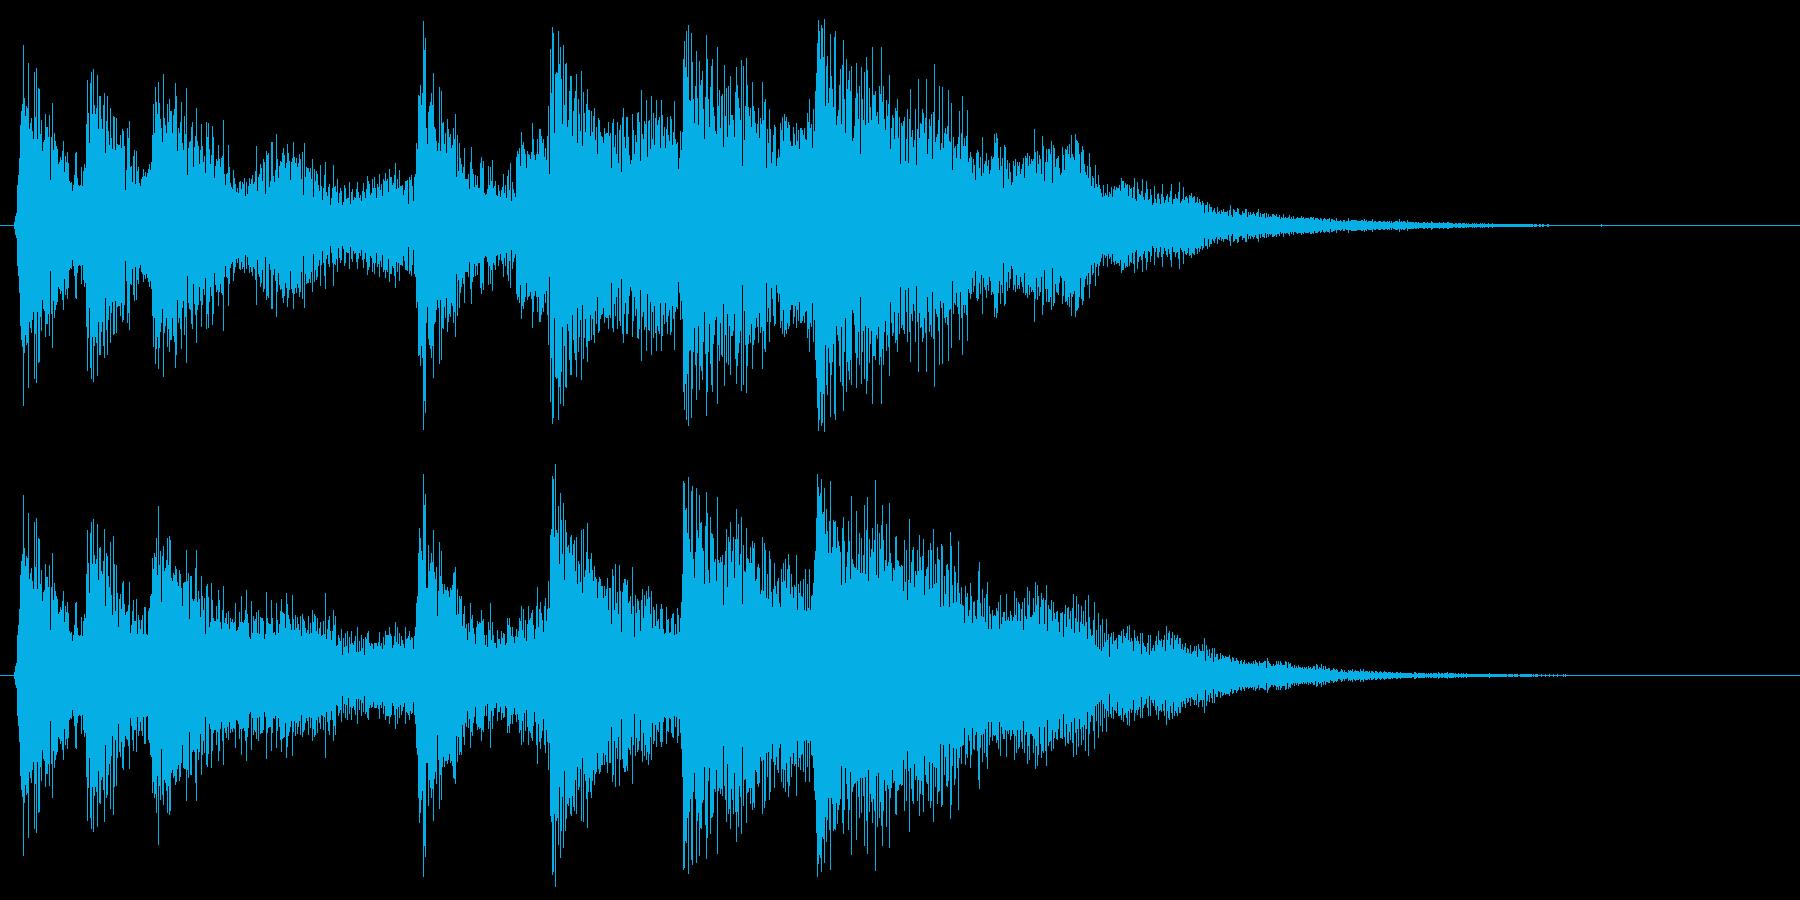 ピコピコ音、レトロなゲームオーバー 残念の再生済みの波形